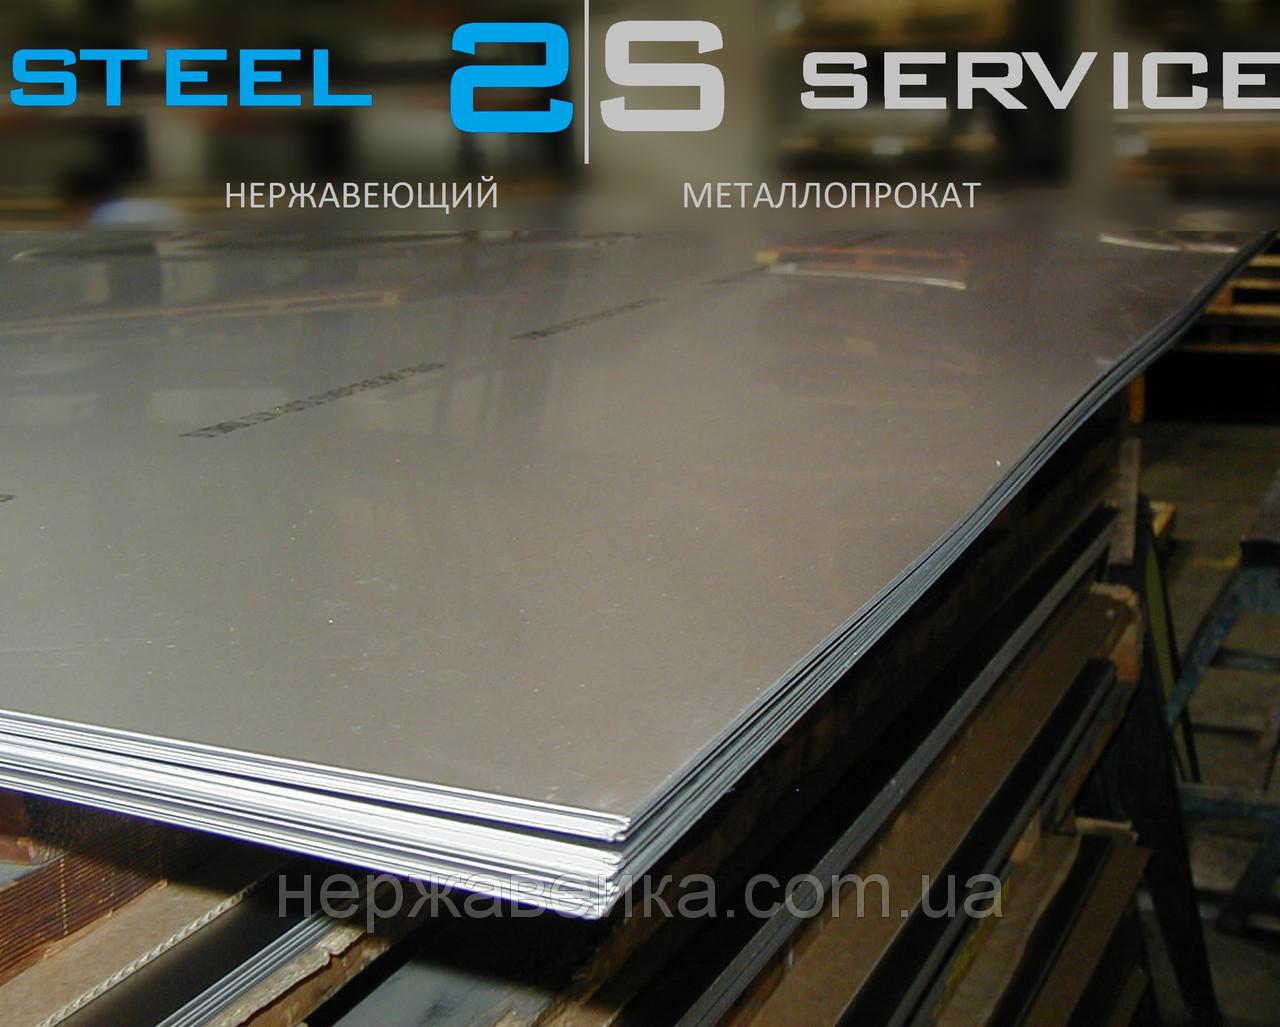 Нержавейка лист 1х1000х2000мм  AISI 316Ti(10Х17Н13М2Т) 4N - шлифованный,  кислотостойкий